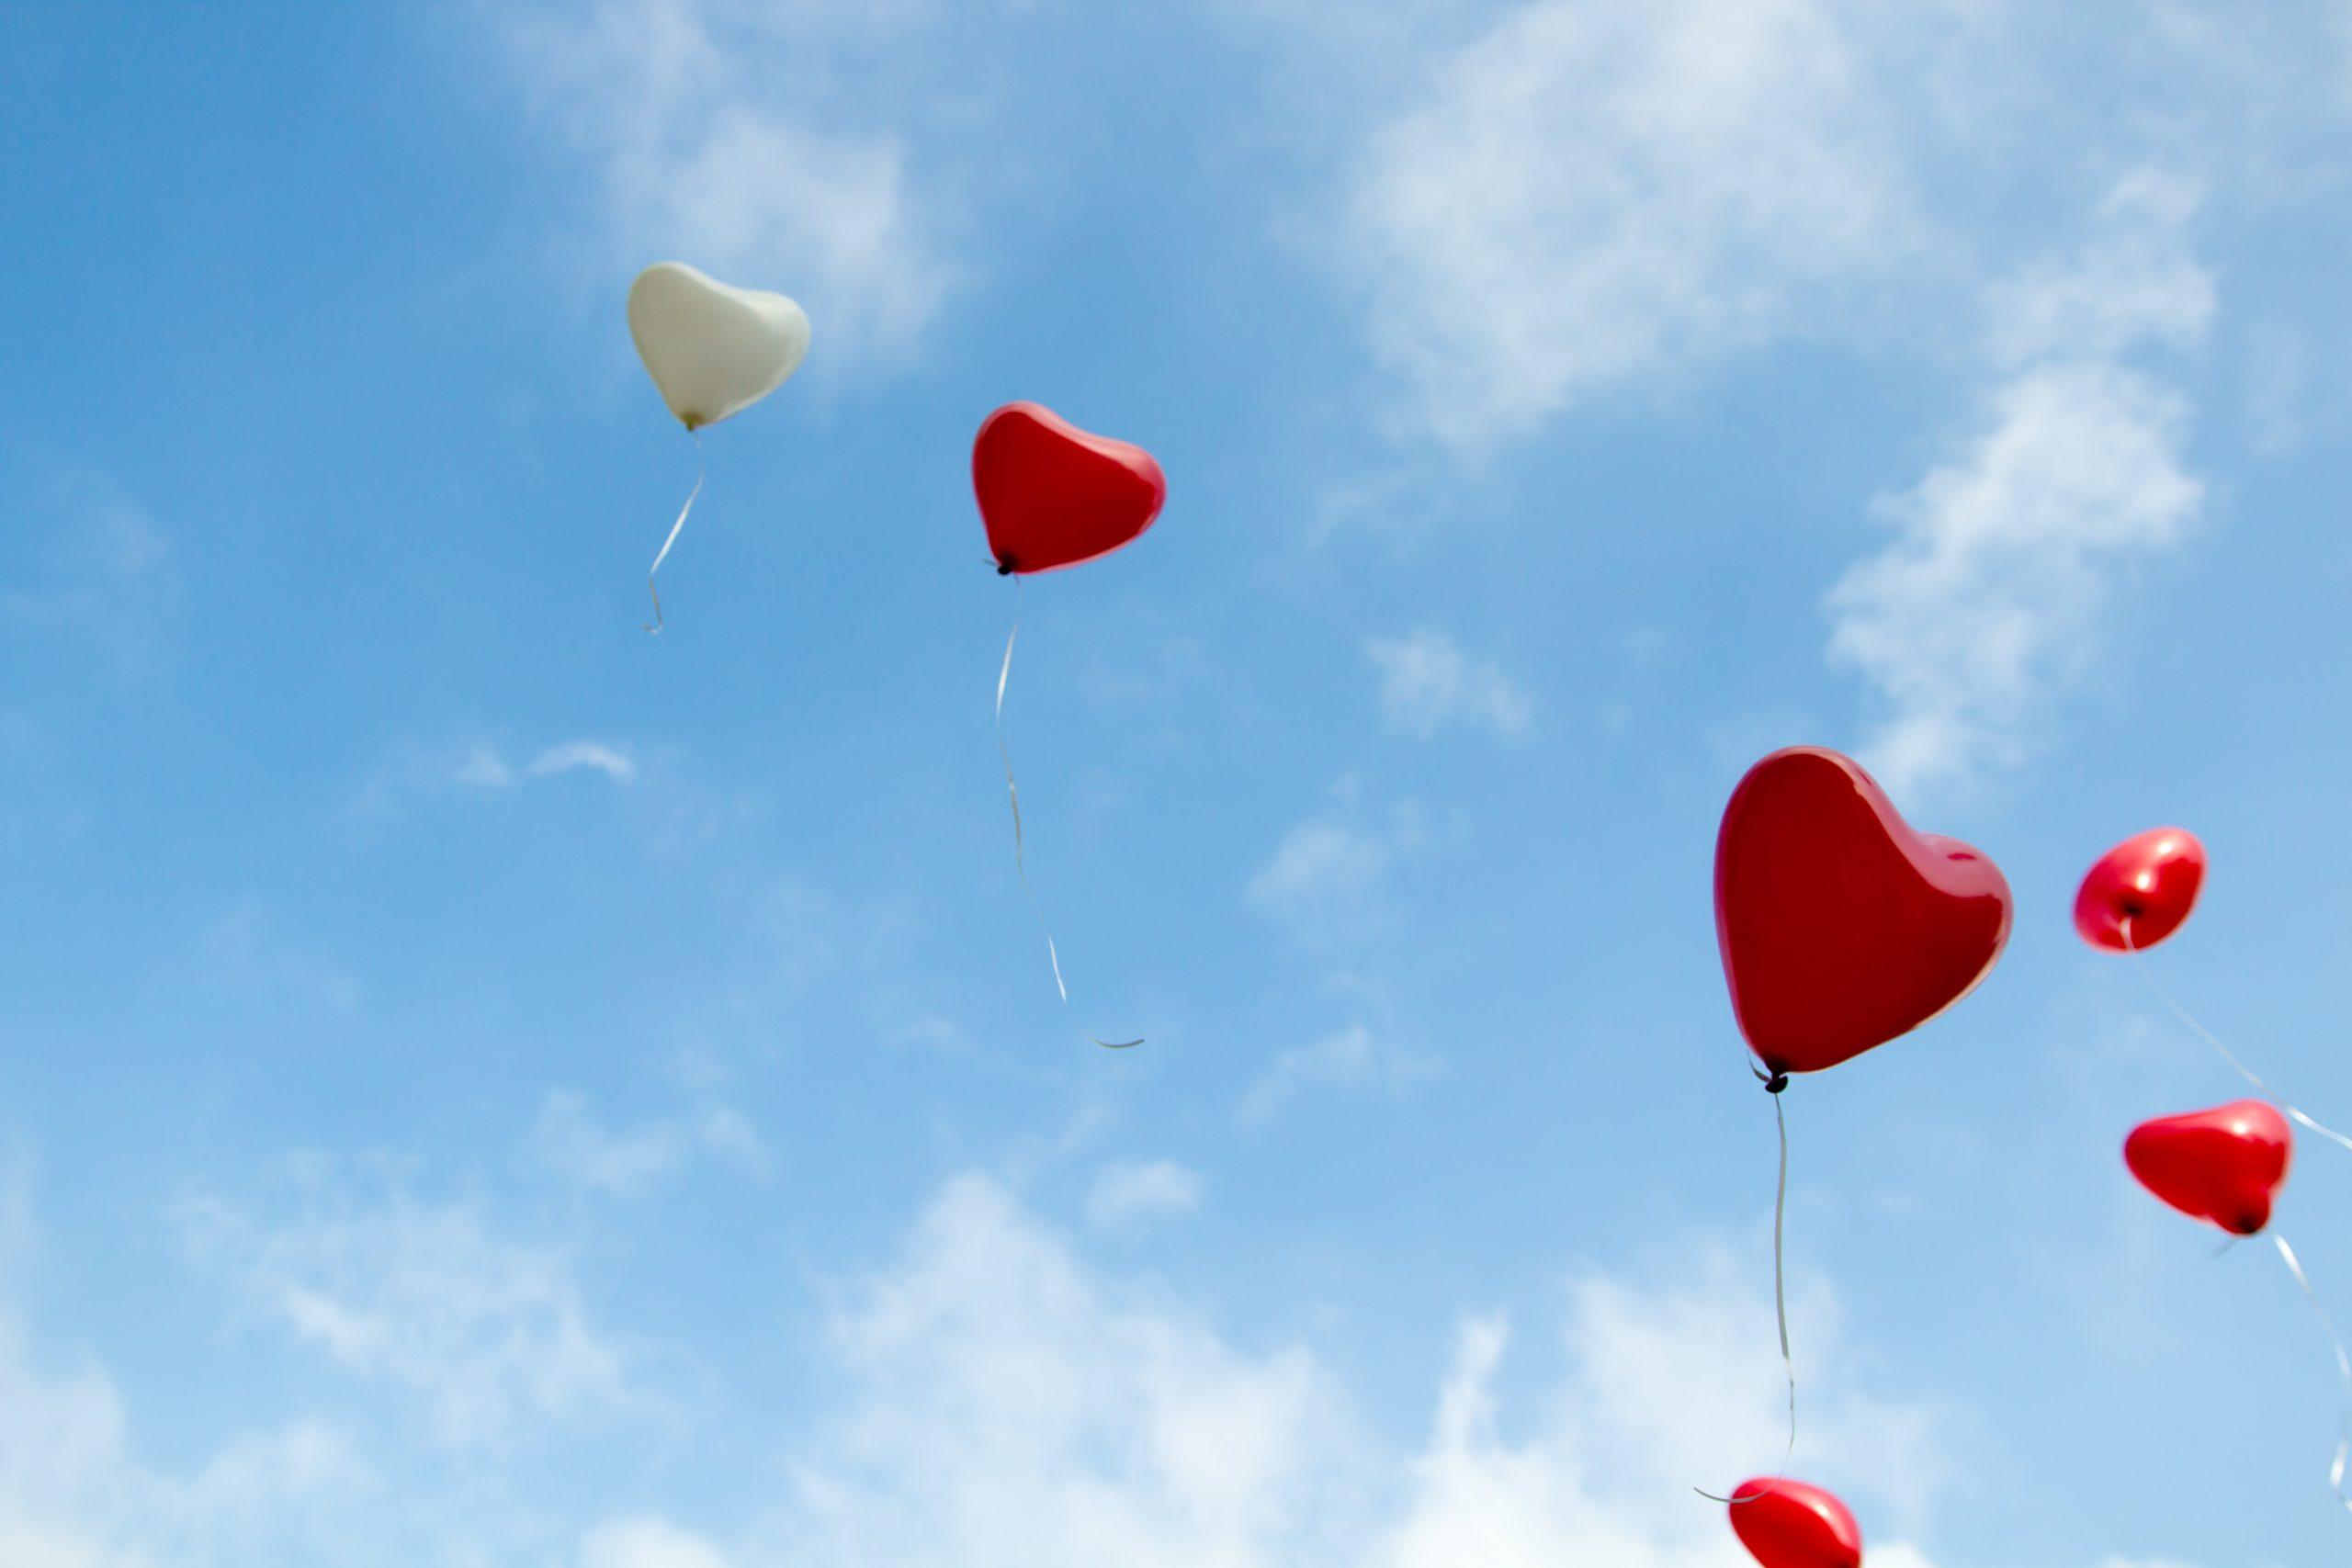 #logoffforlove this Valentine's Day